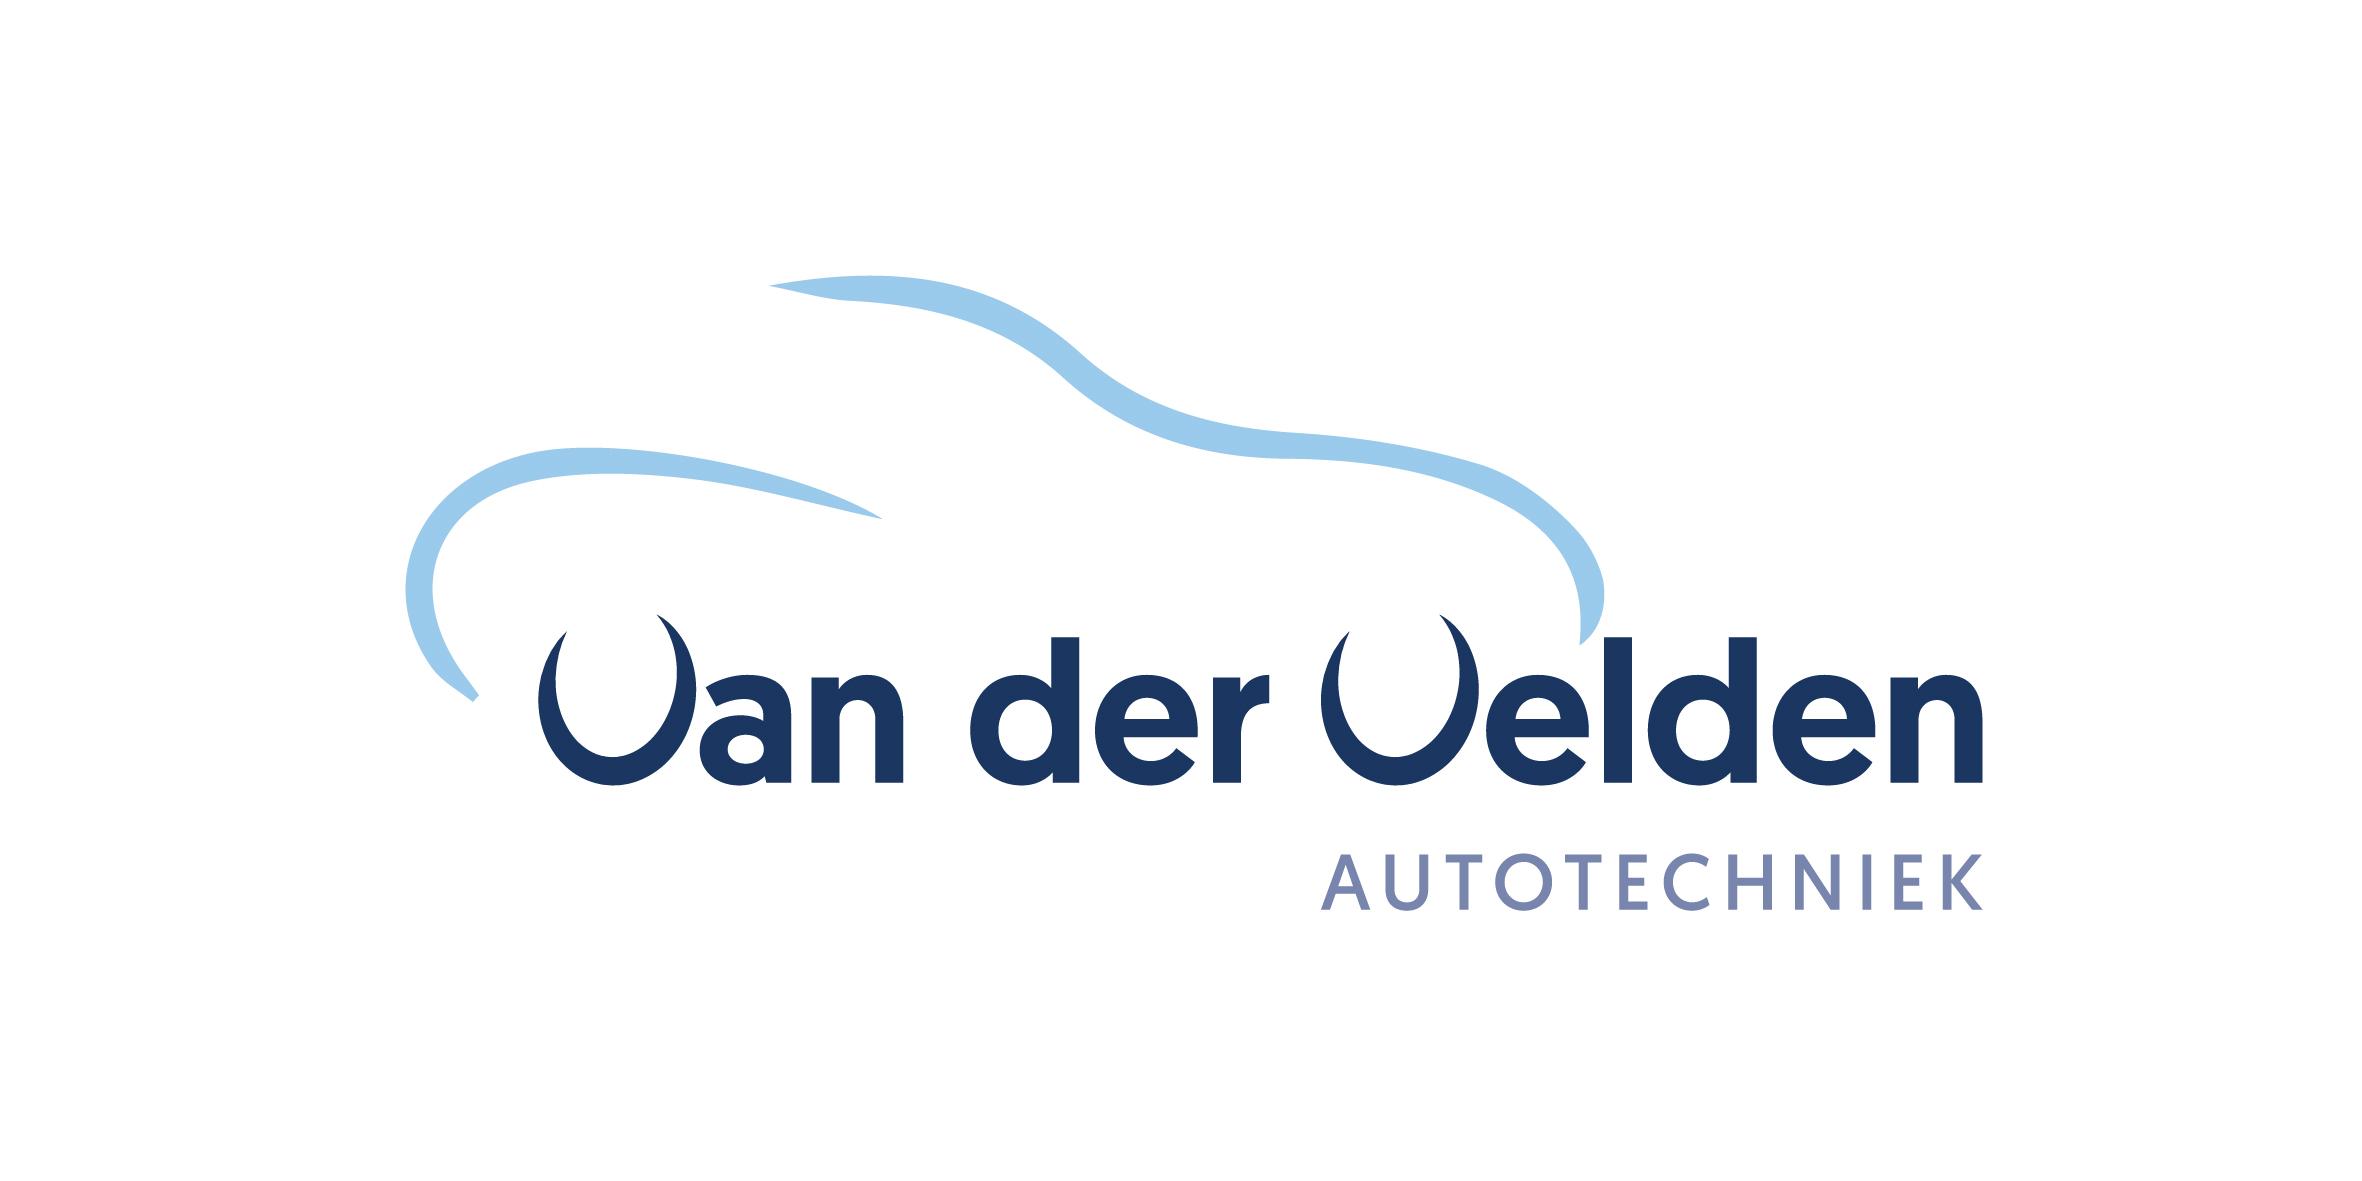 van der velden autotechniek koudekerk aan den rijn logo